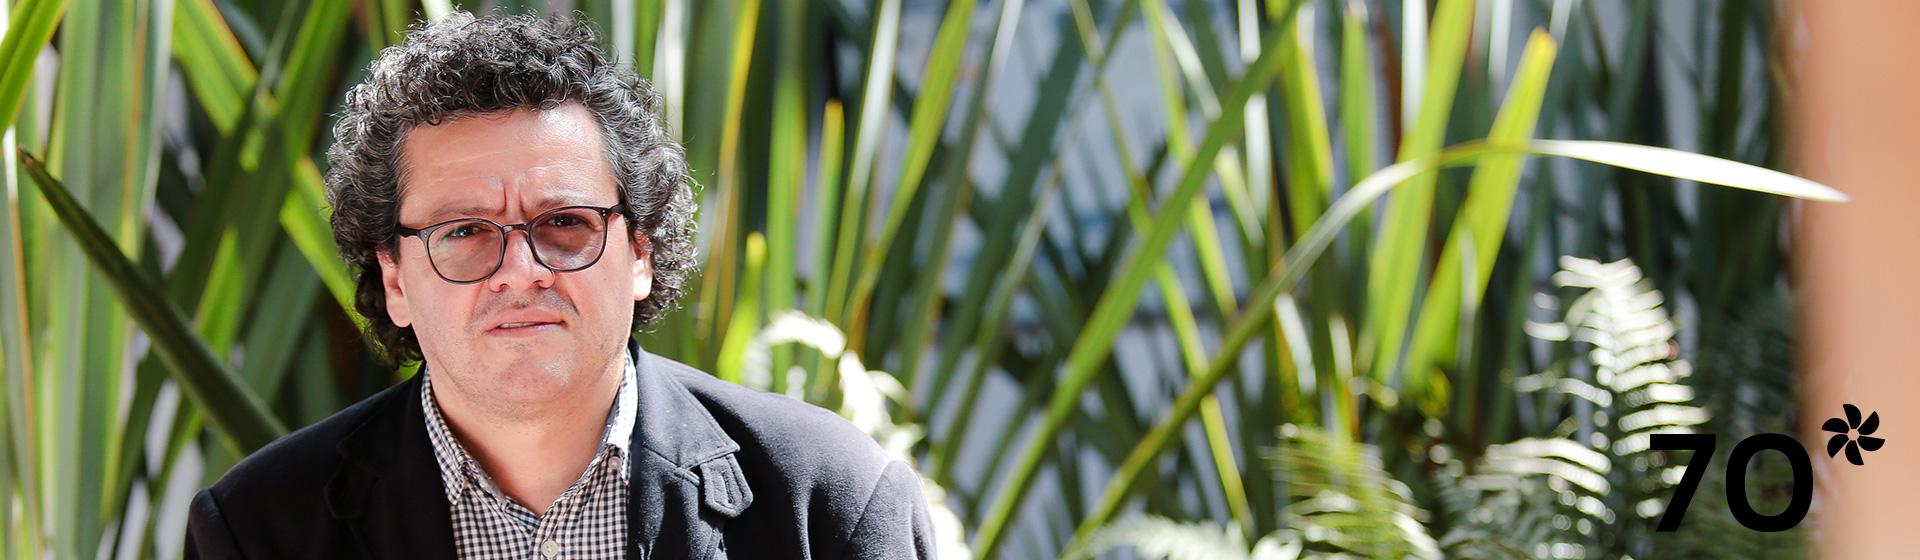 Ferney Rodríguez, decano de la Facultad de Ciencias de Los Andes